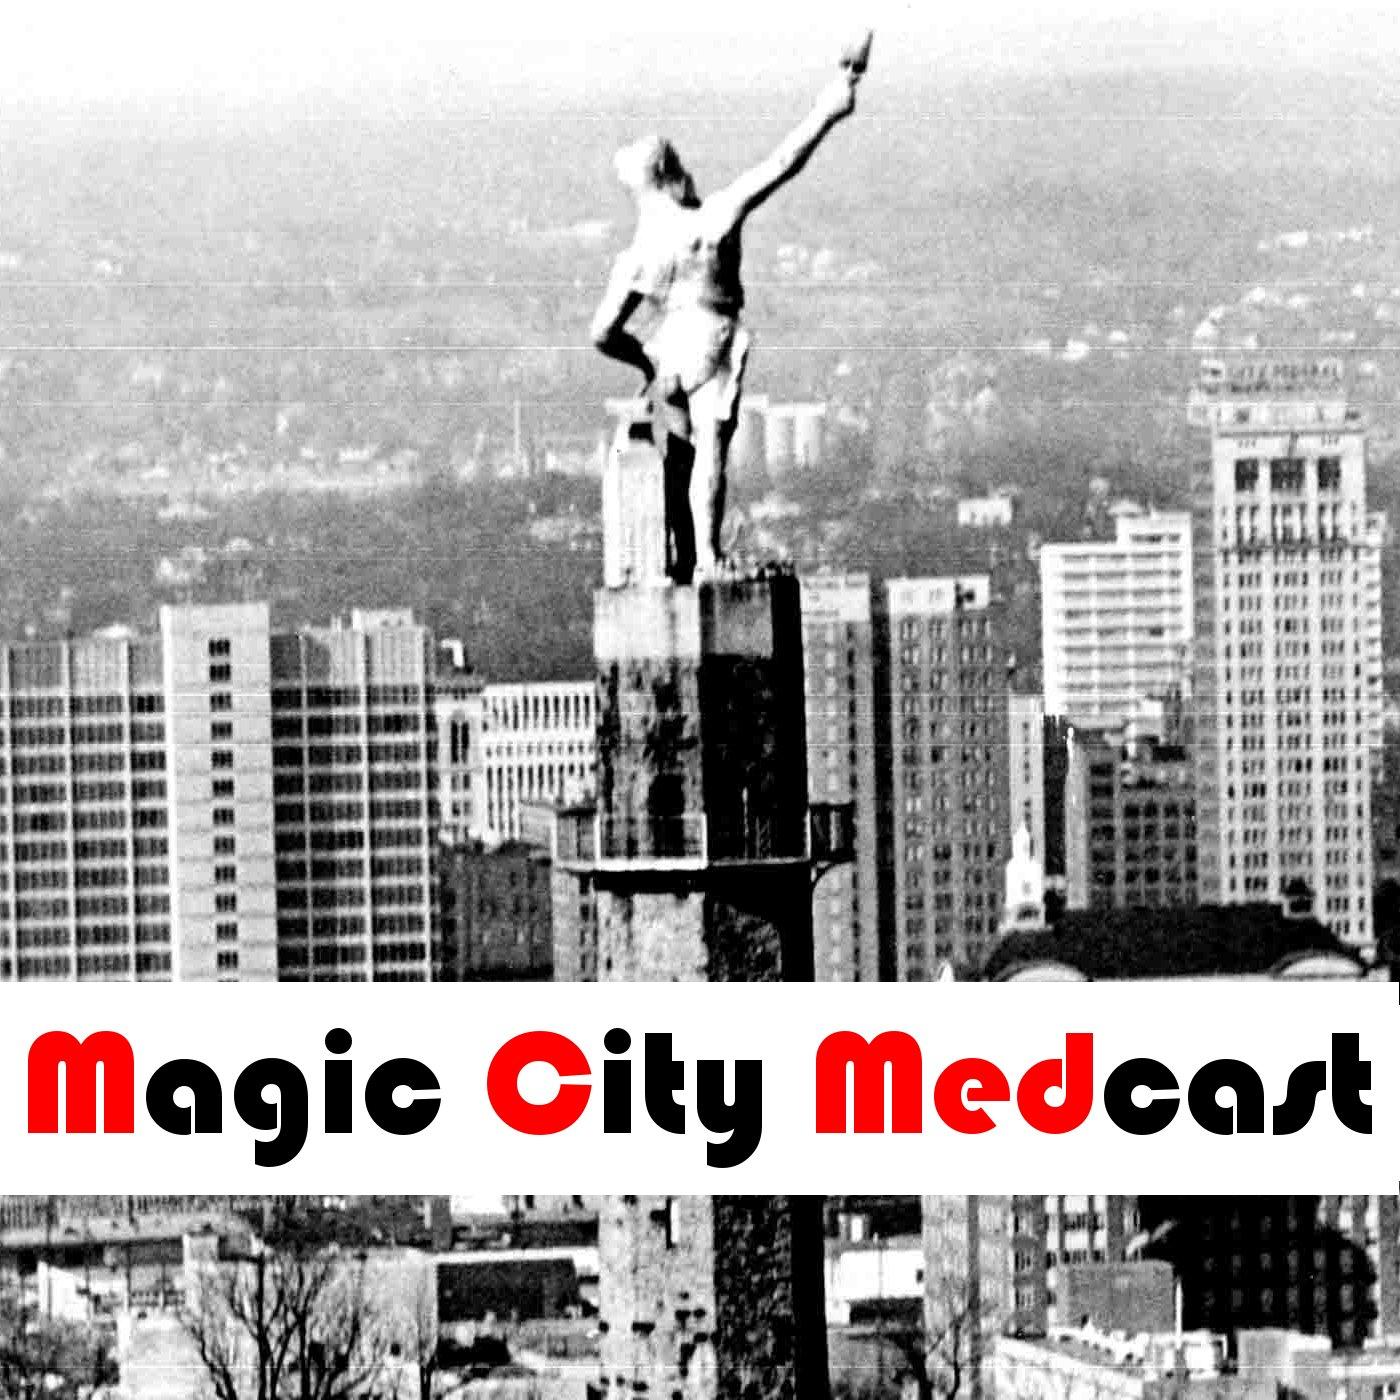 MagicCityMedcastLogo